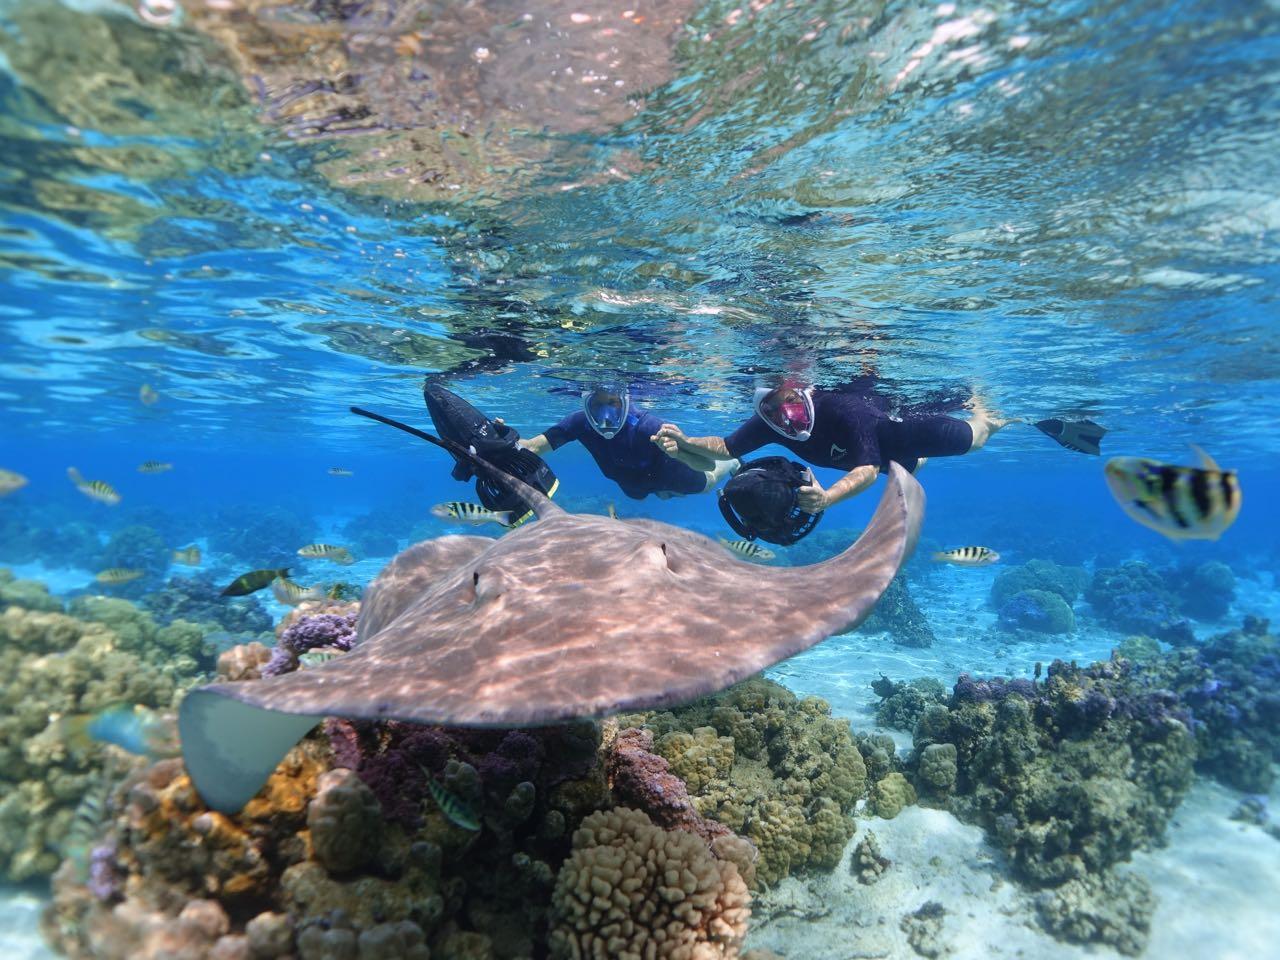 https://tahititourisme.ch/wp-content/uploads/2020/09/Sea-Scooter-Snorkeling-Tour-à-moorea-copie-2.jpg